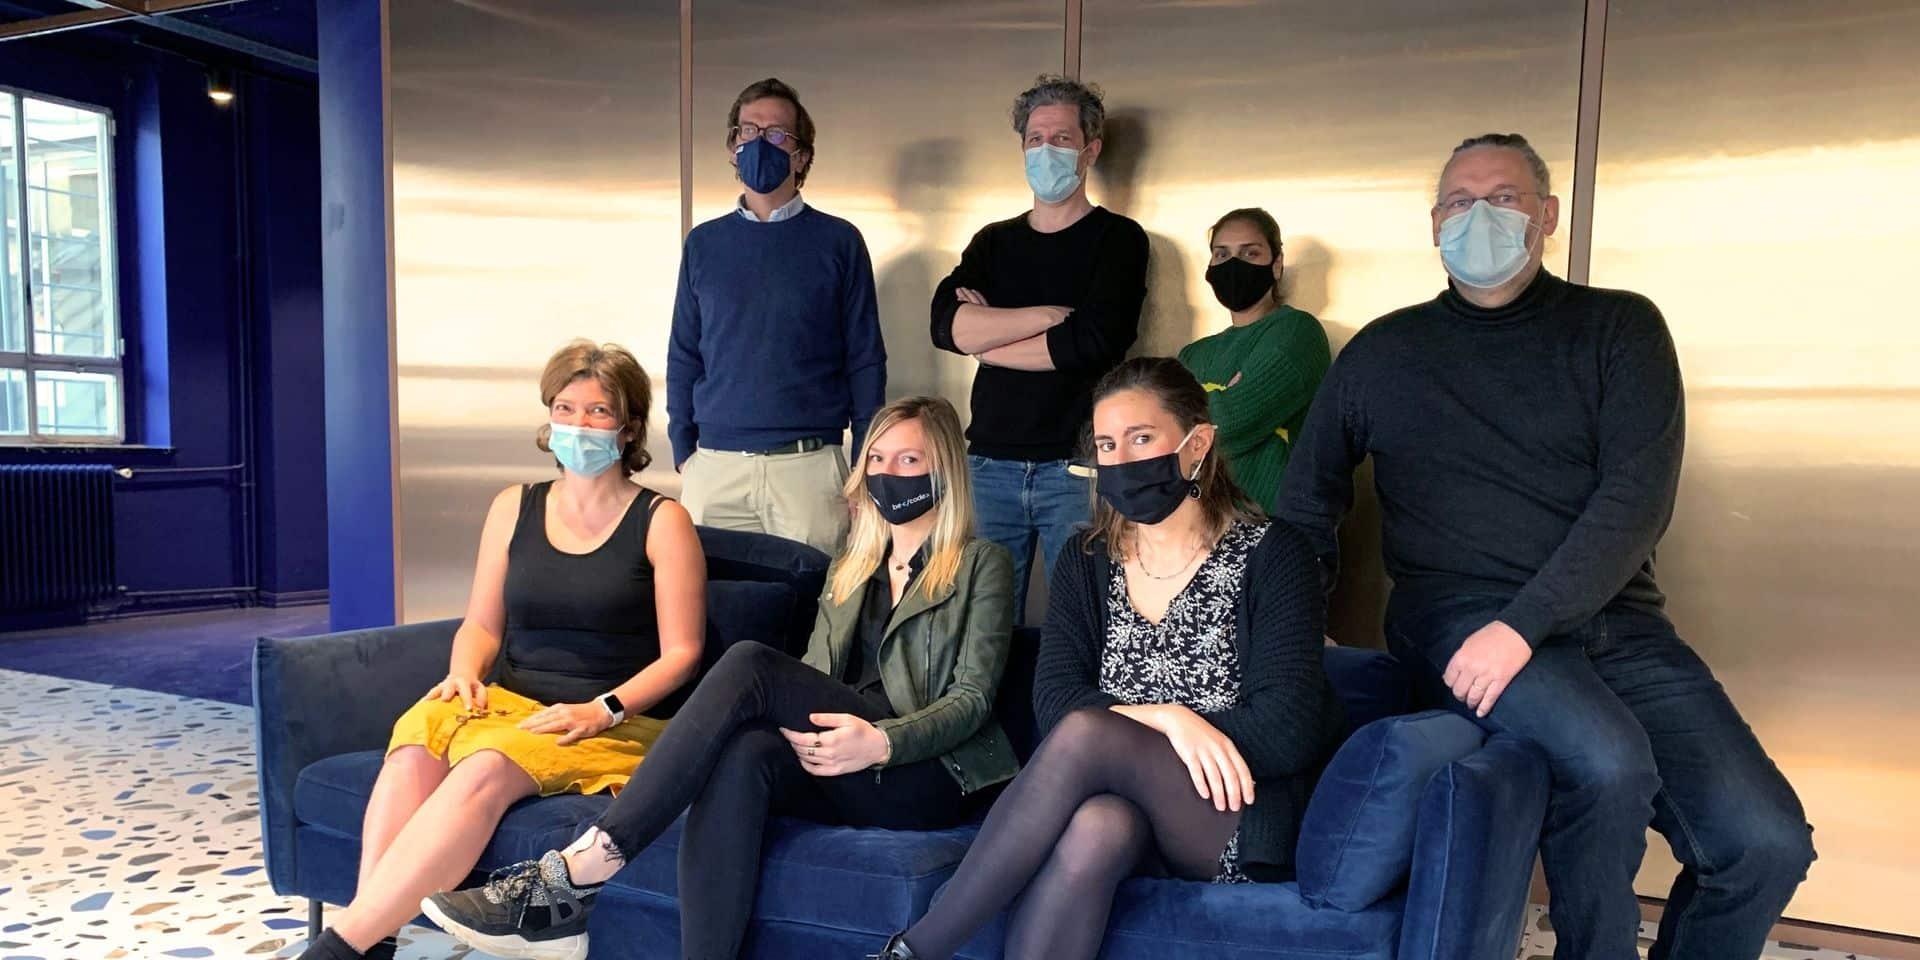 L'équipe de BeCode, entreprise sociale soutenue par Change.